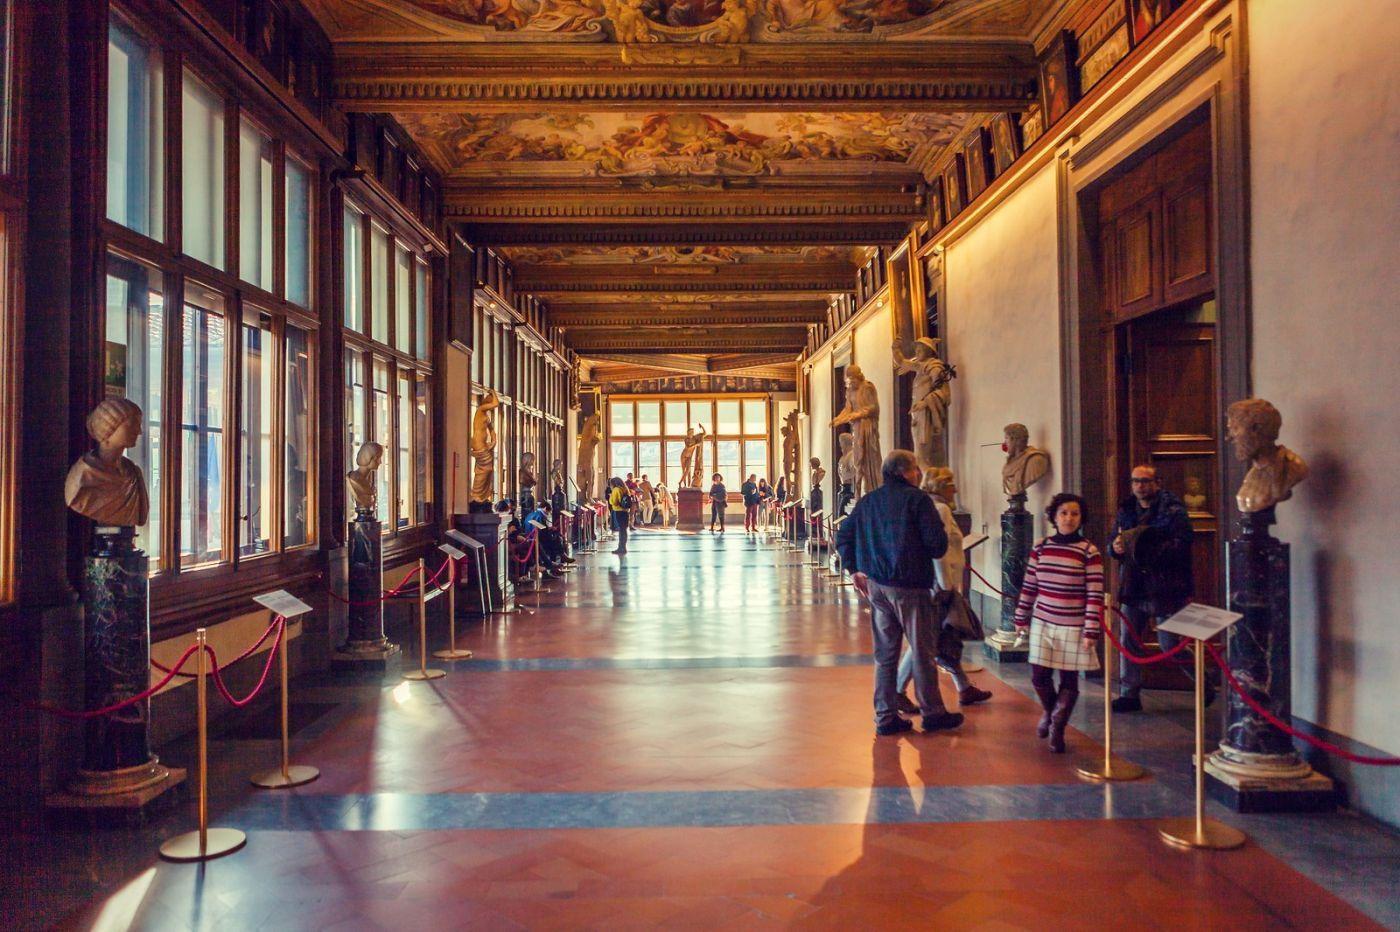 意大利佛罗伦斯乌菲兹美术馆, 进去看一看_图1-3